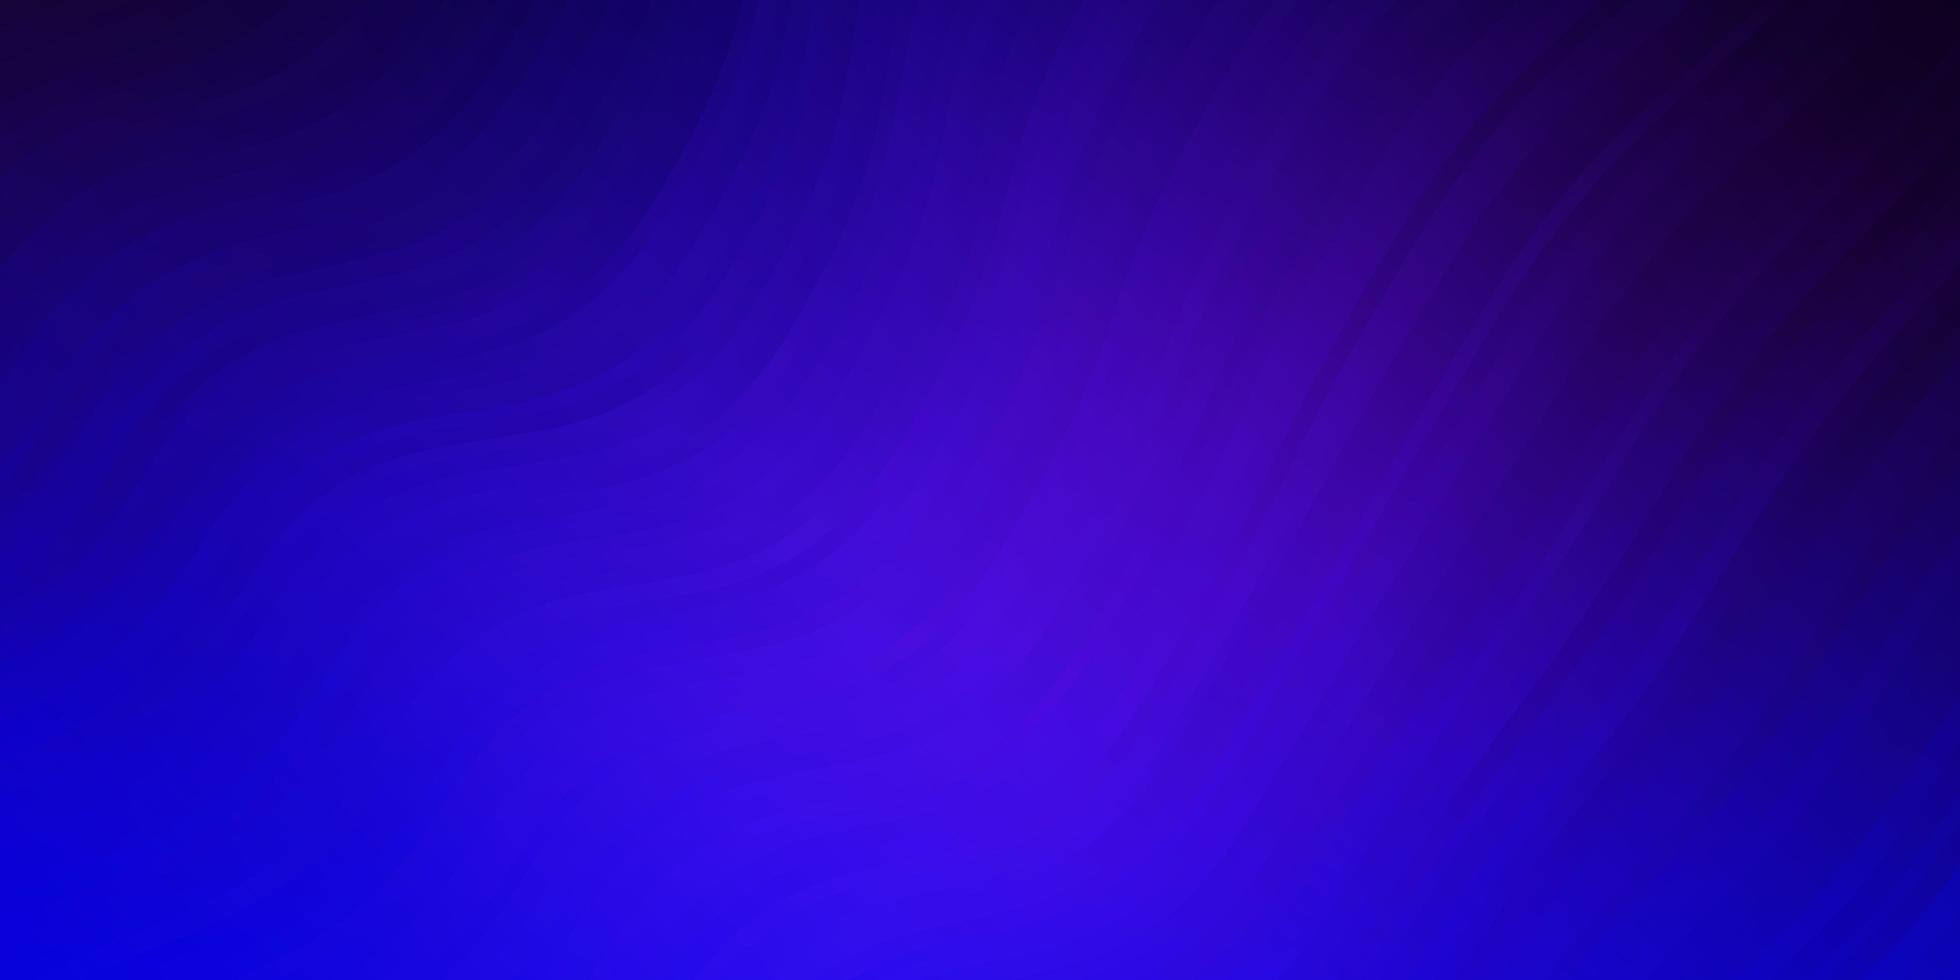 textura vector rosa claro, azul com linhas irônicas.